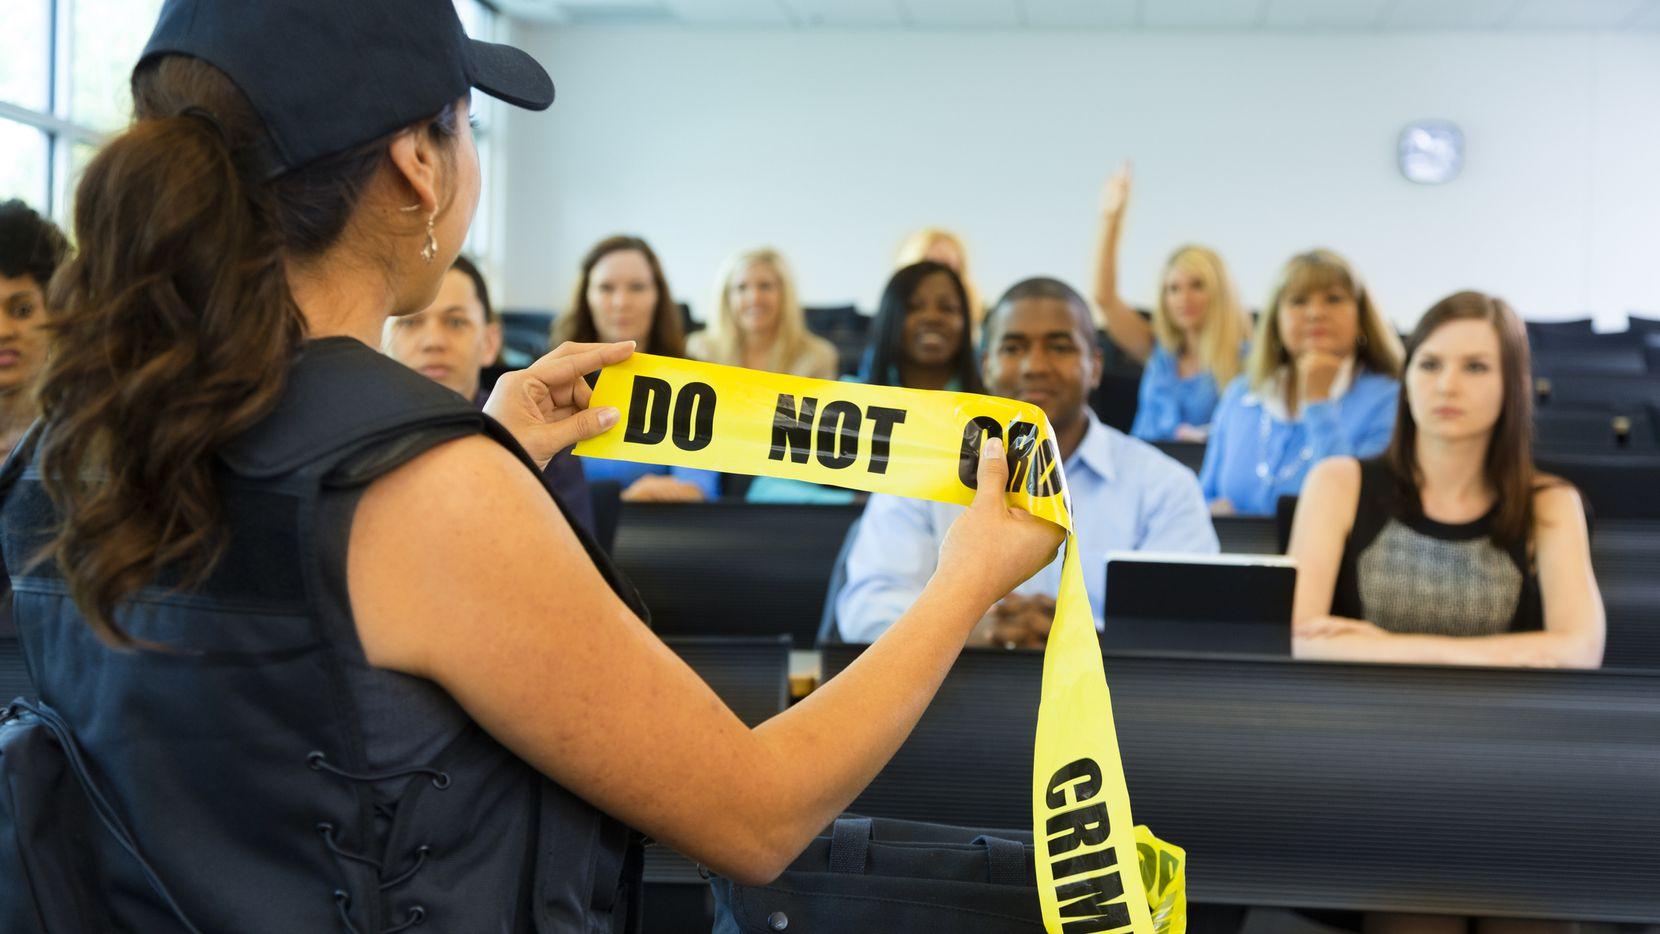 La Policía de Dallas dará tres clases de inglés a las personas que no hablen el idioma, para que aprendan cómo comunicarse efectivamente con agentes policiacos en caso de ser detenidos o de una emergencia.